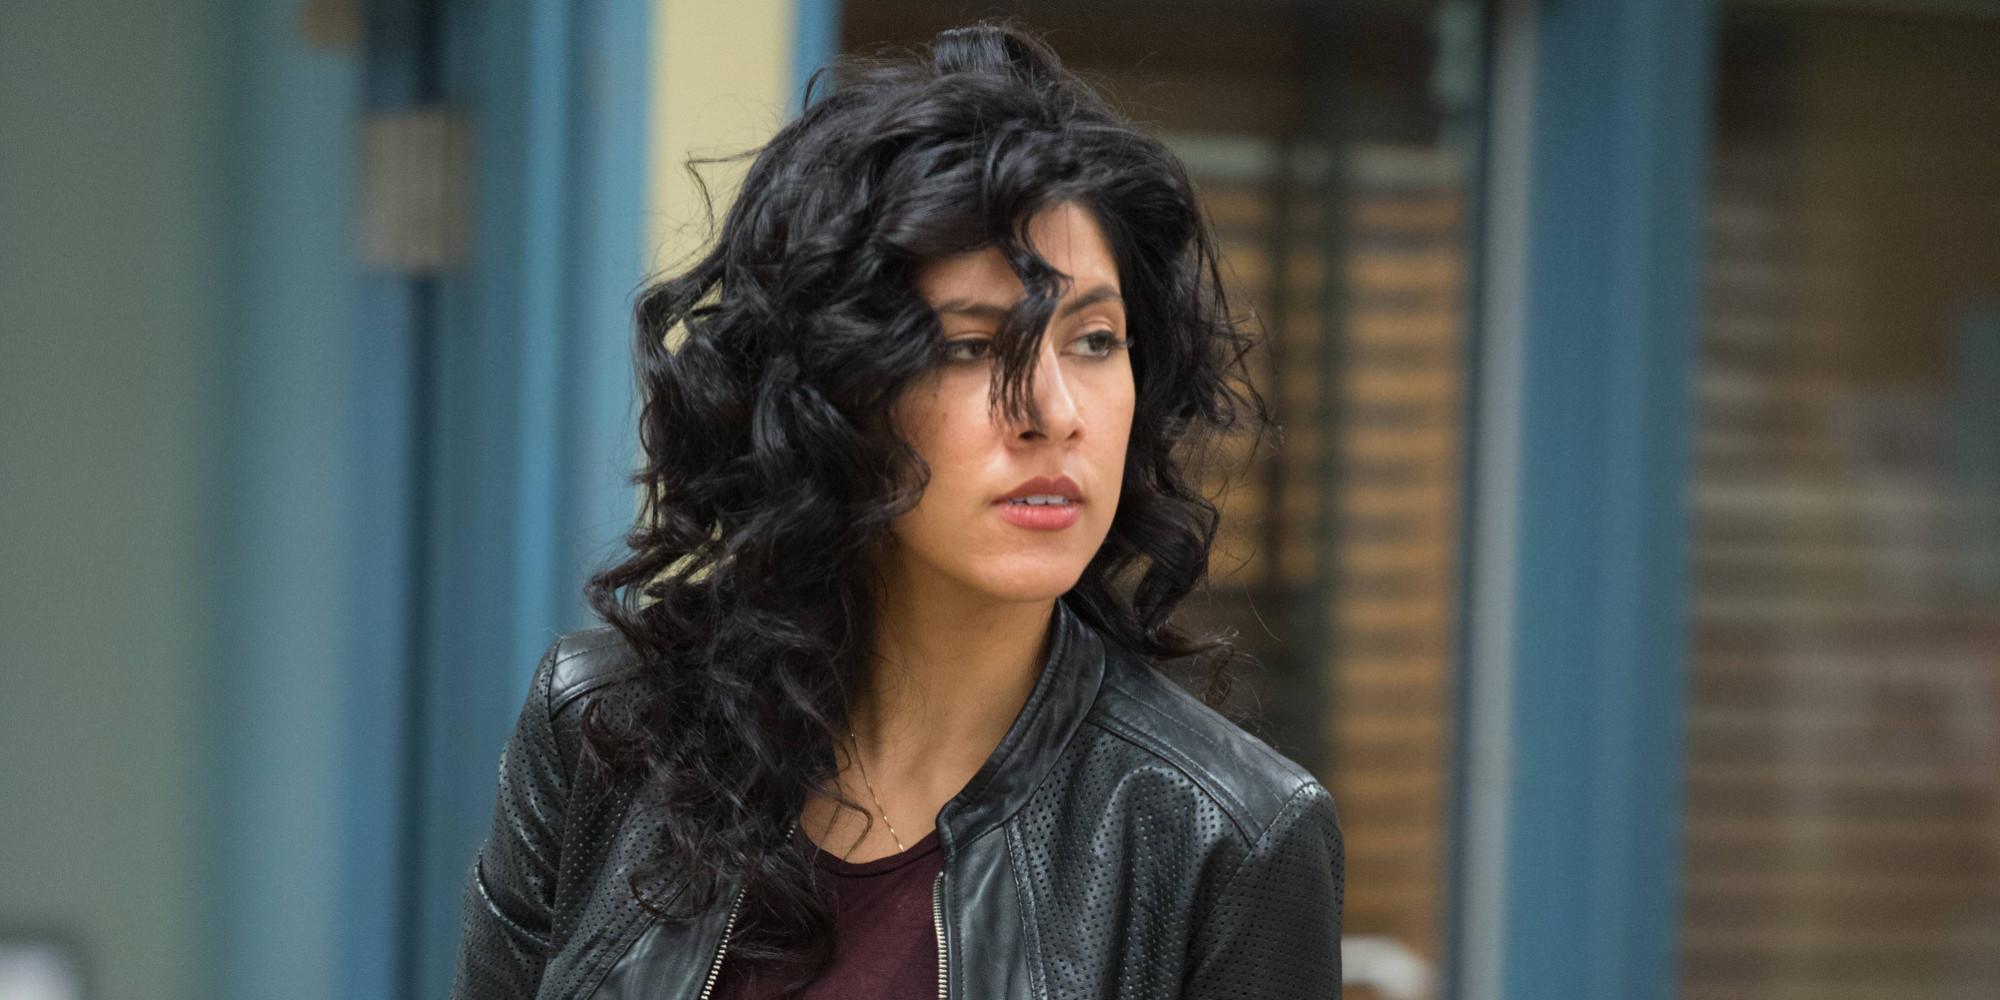 brooklyn nine-nine's' stephanie beatriz on how a badass latina